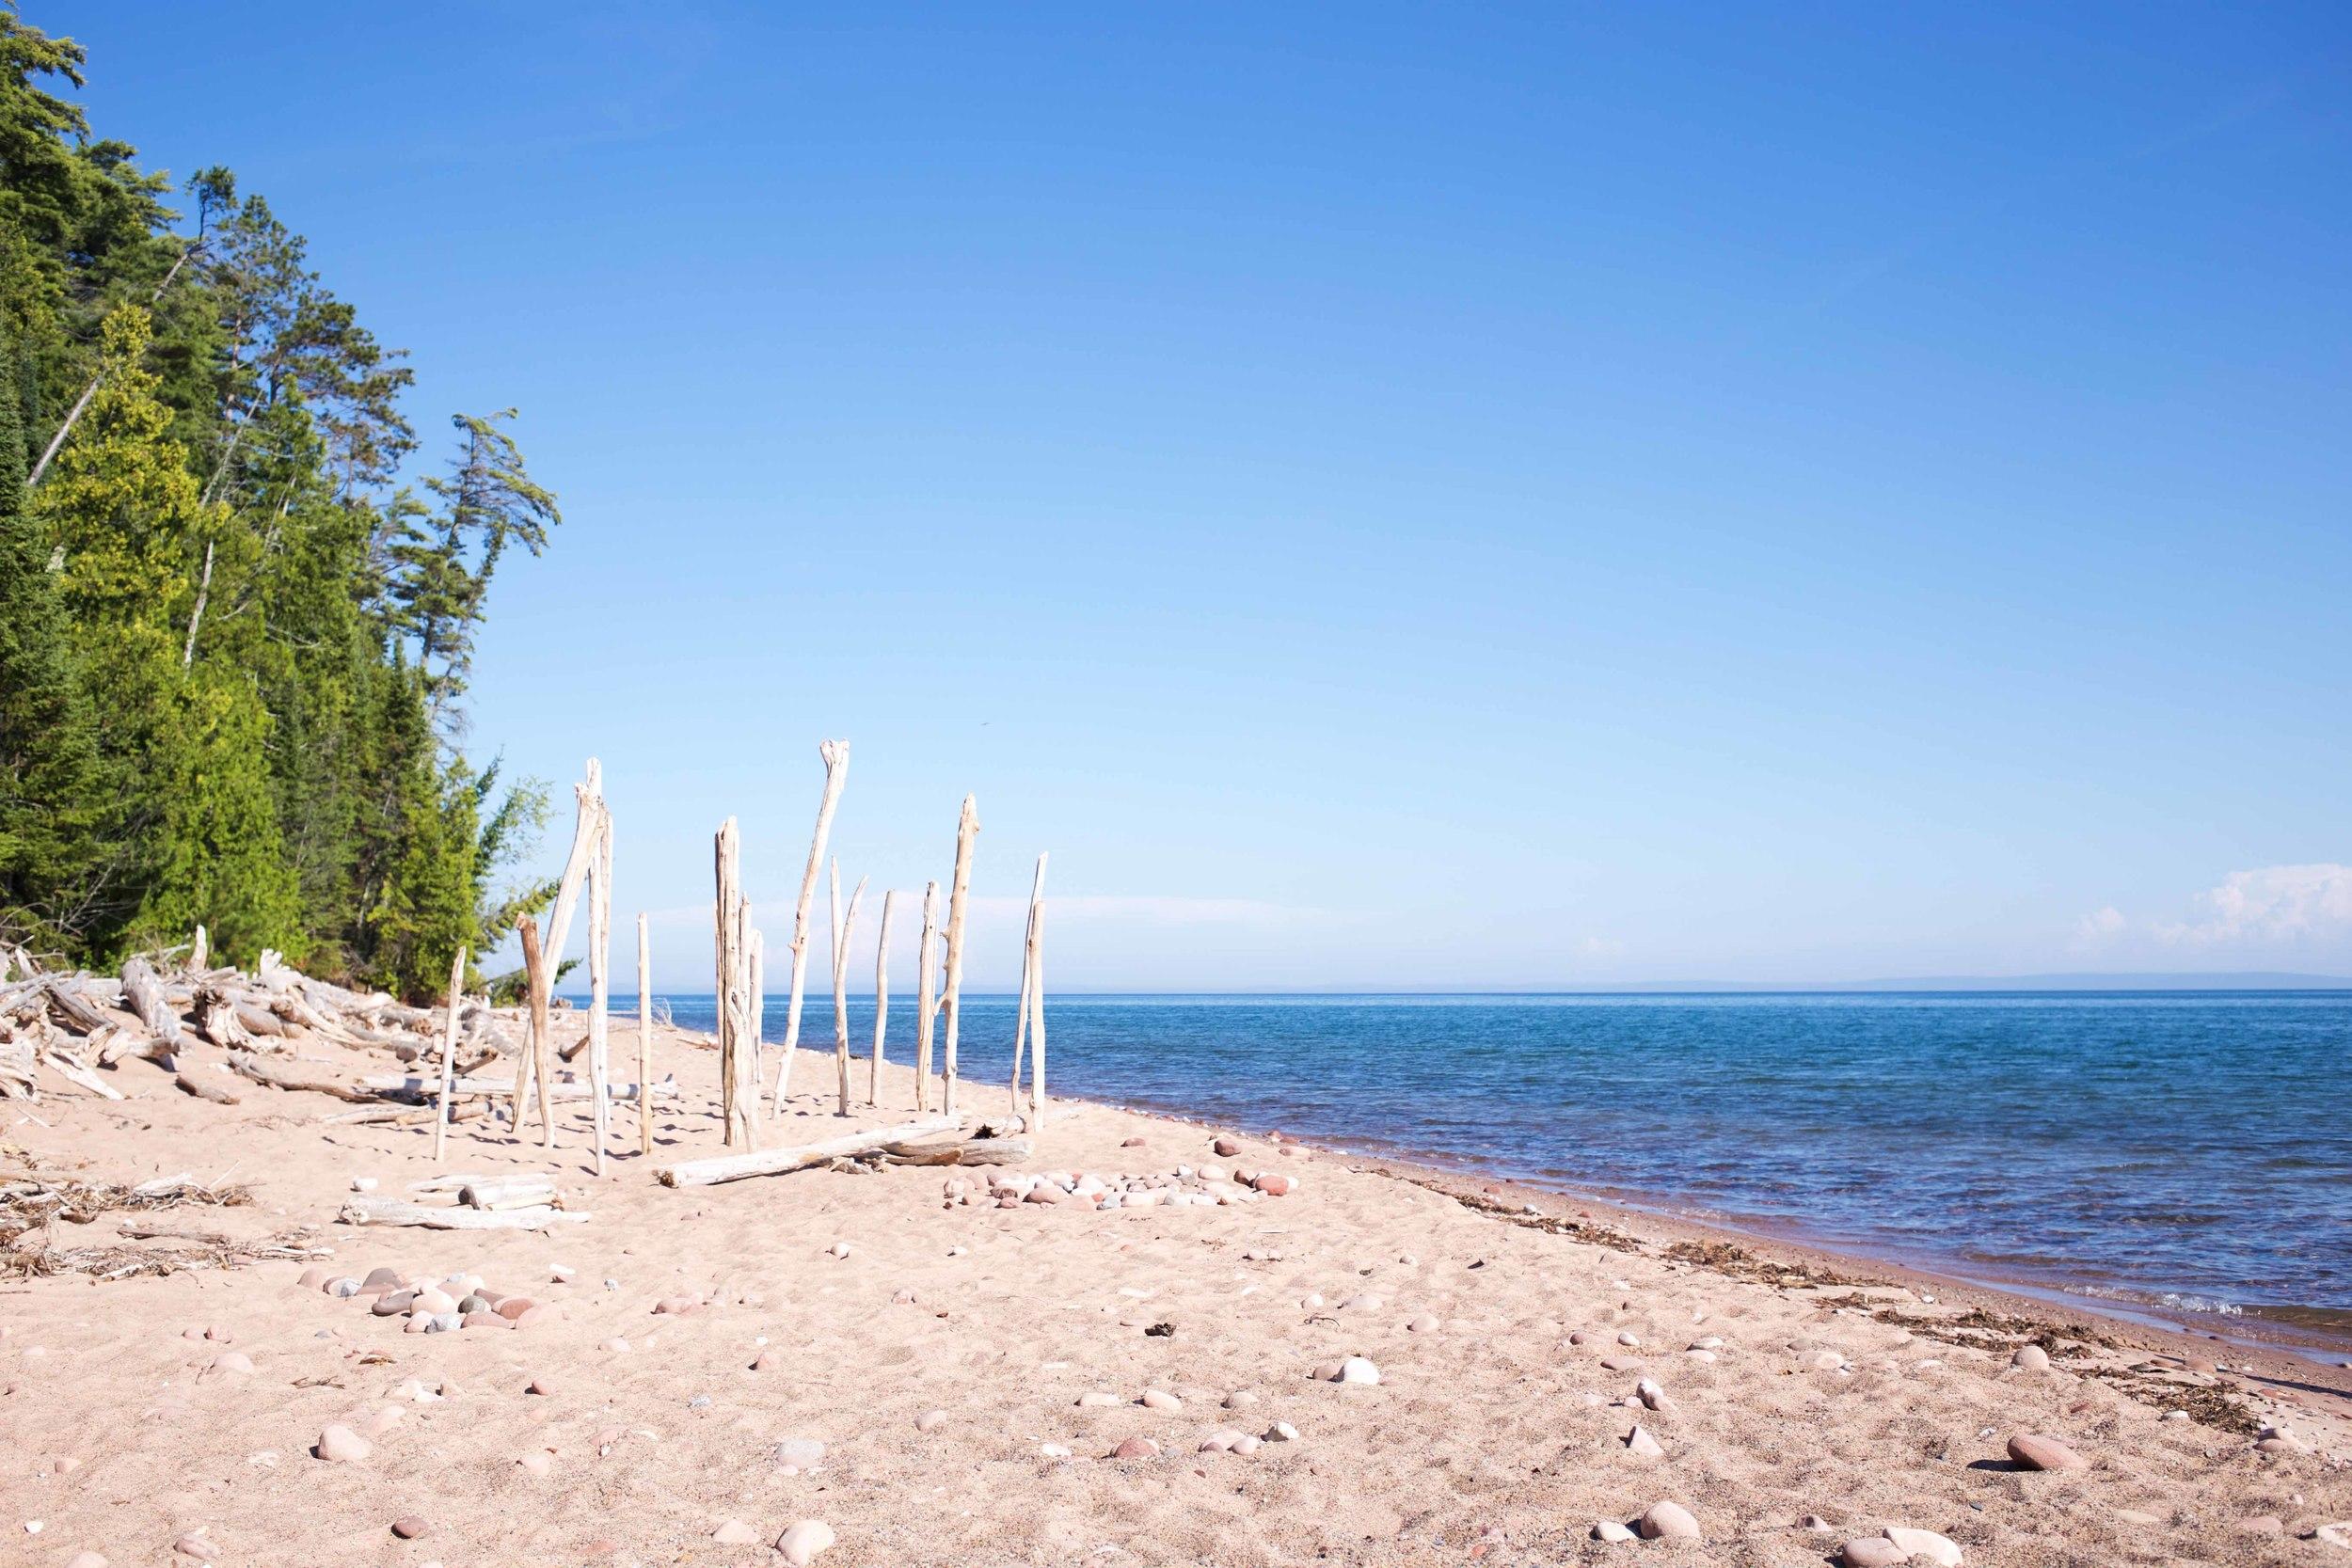 Sailing at Michigan Island - Lake Superior